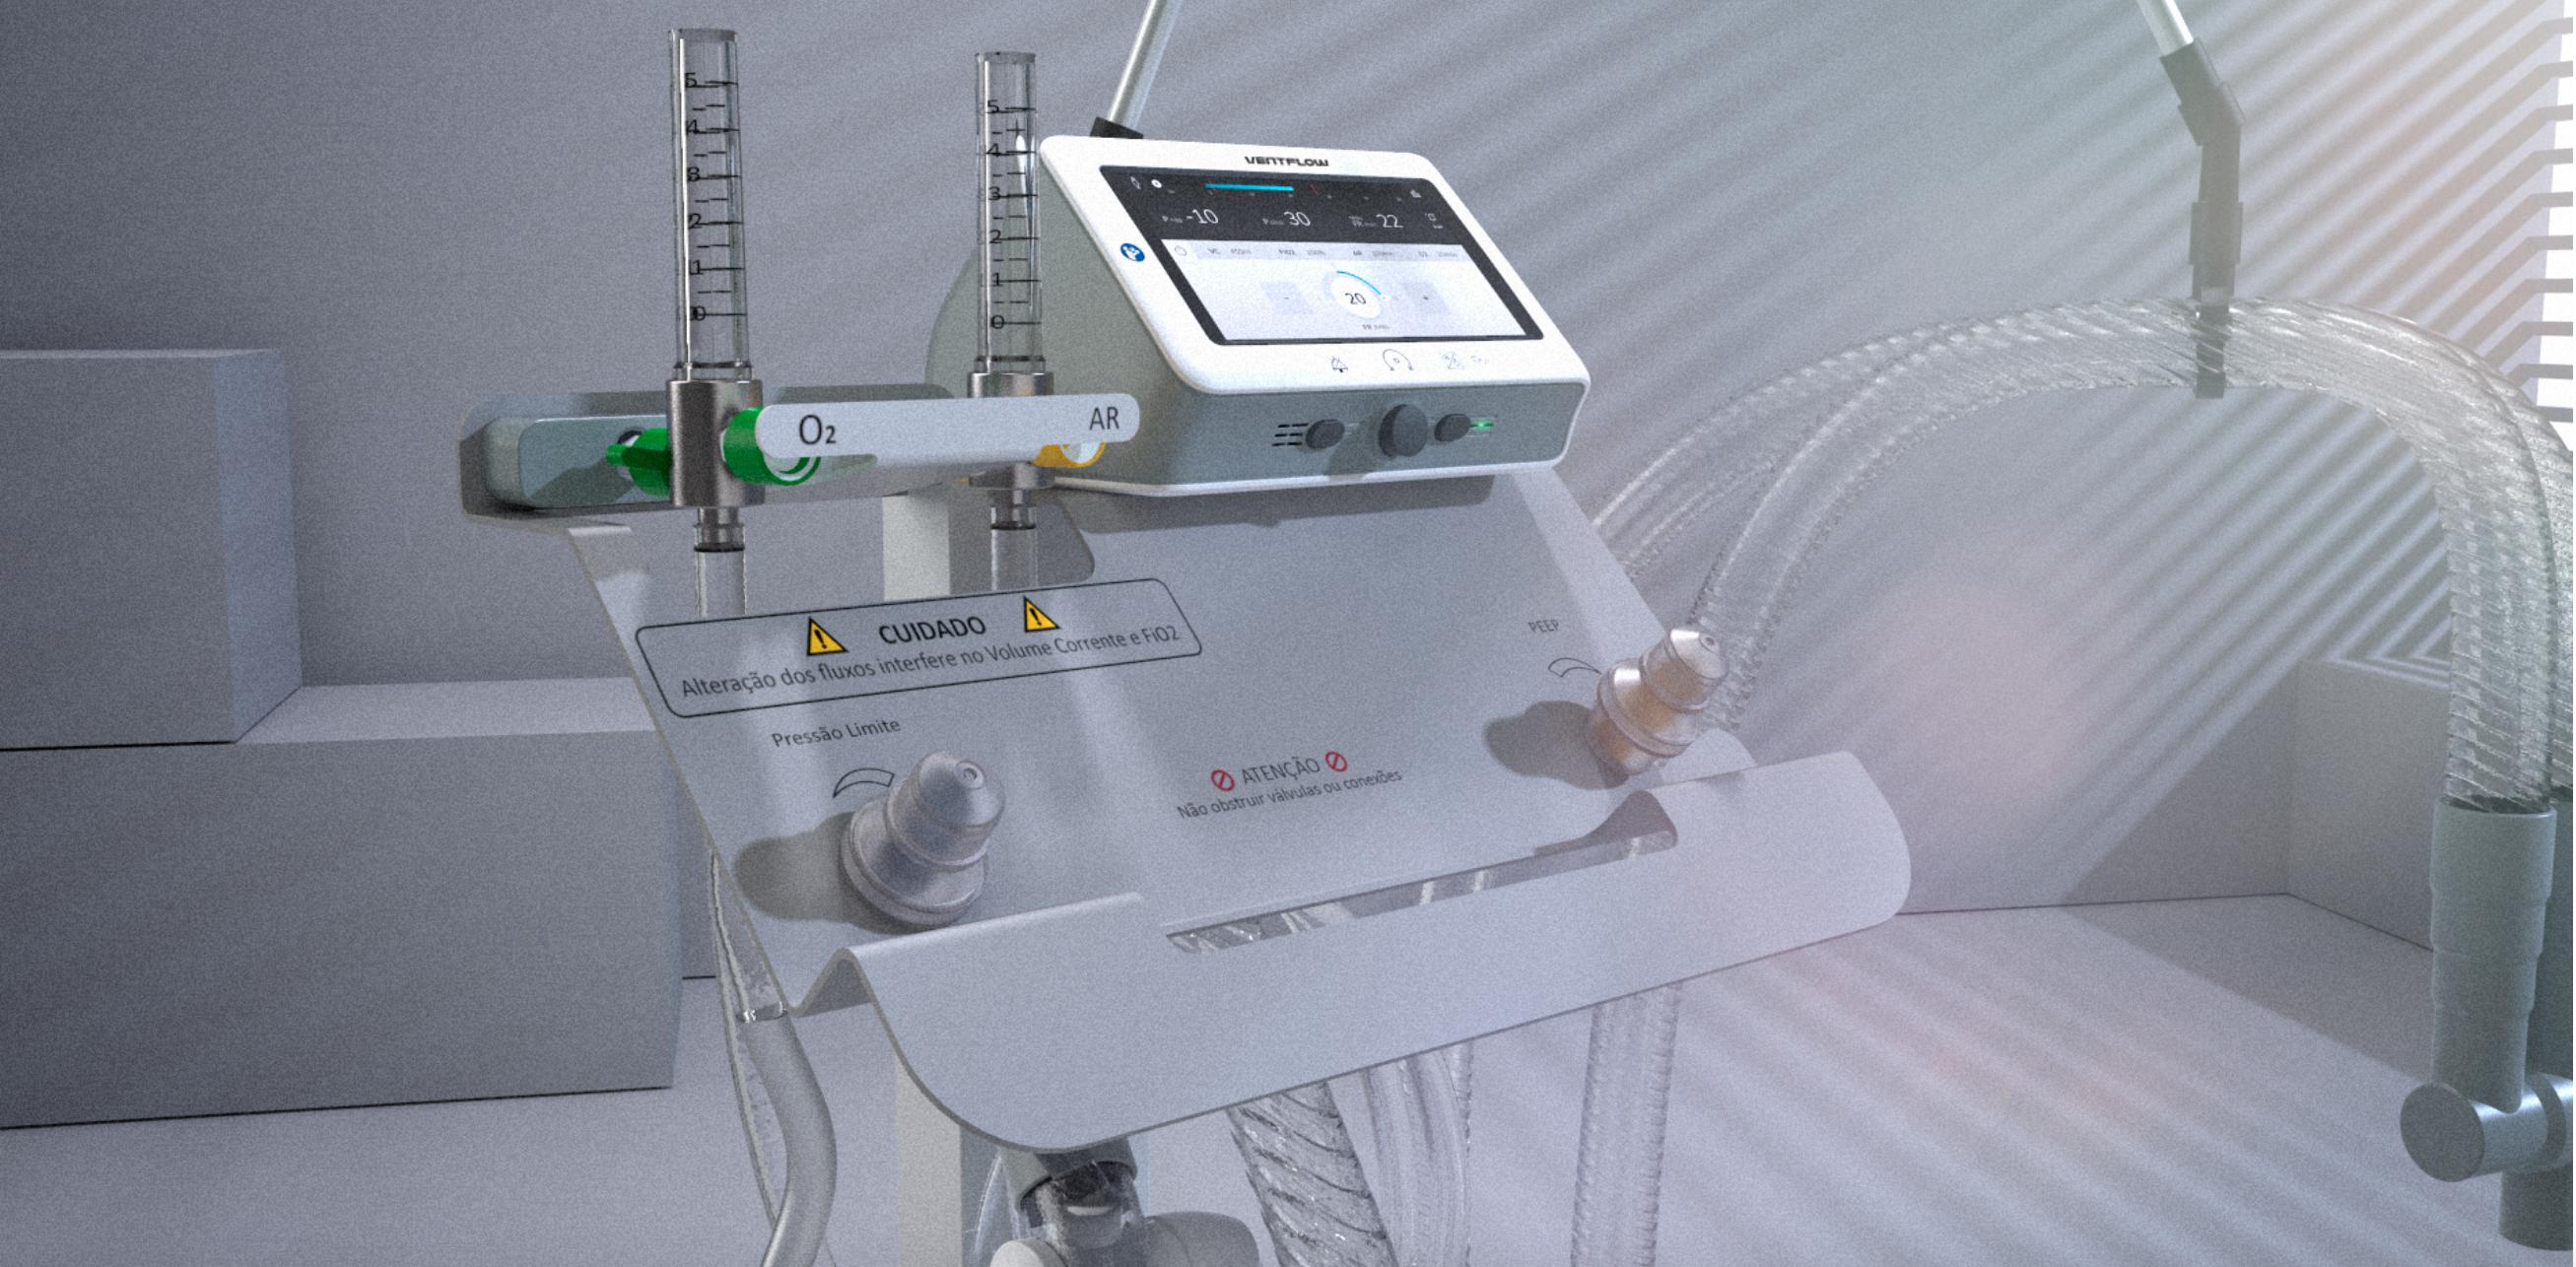 A Ventilator for COVID-19 in Brazil